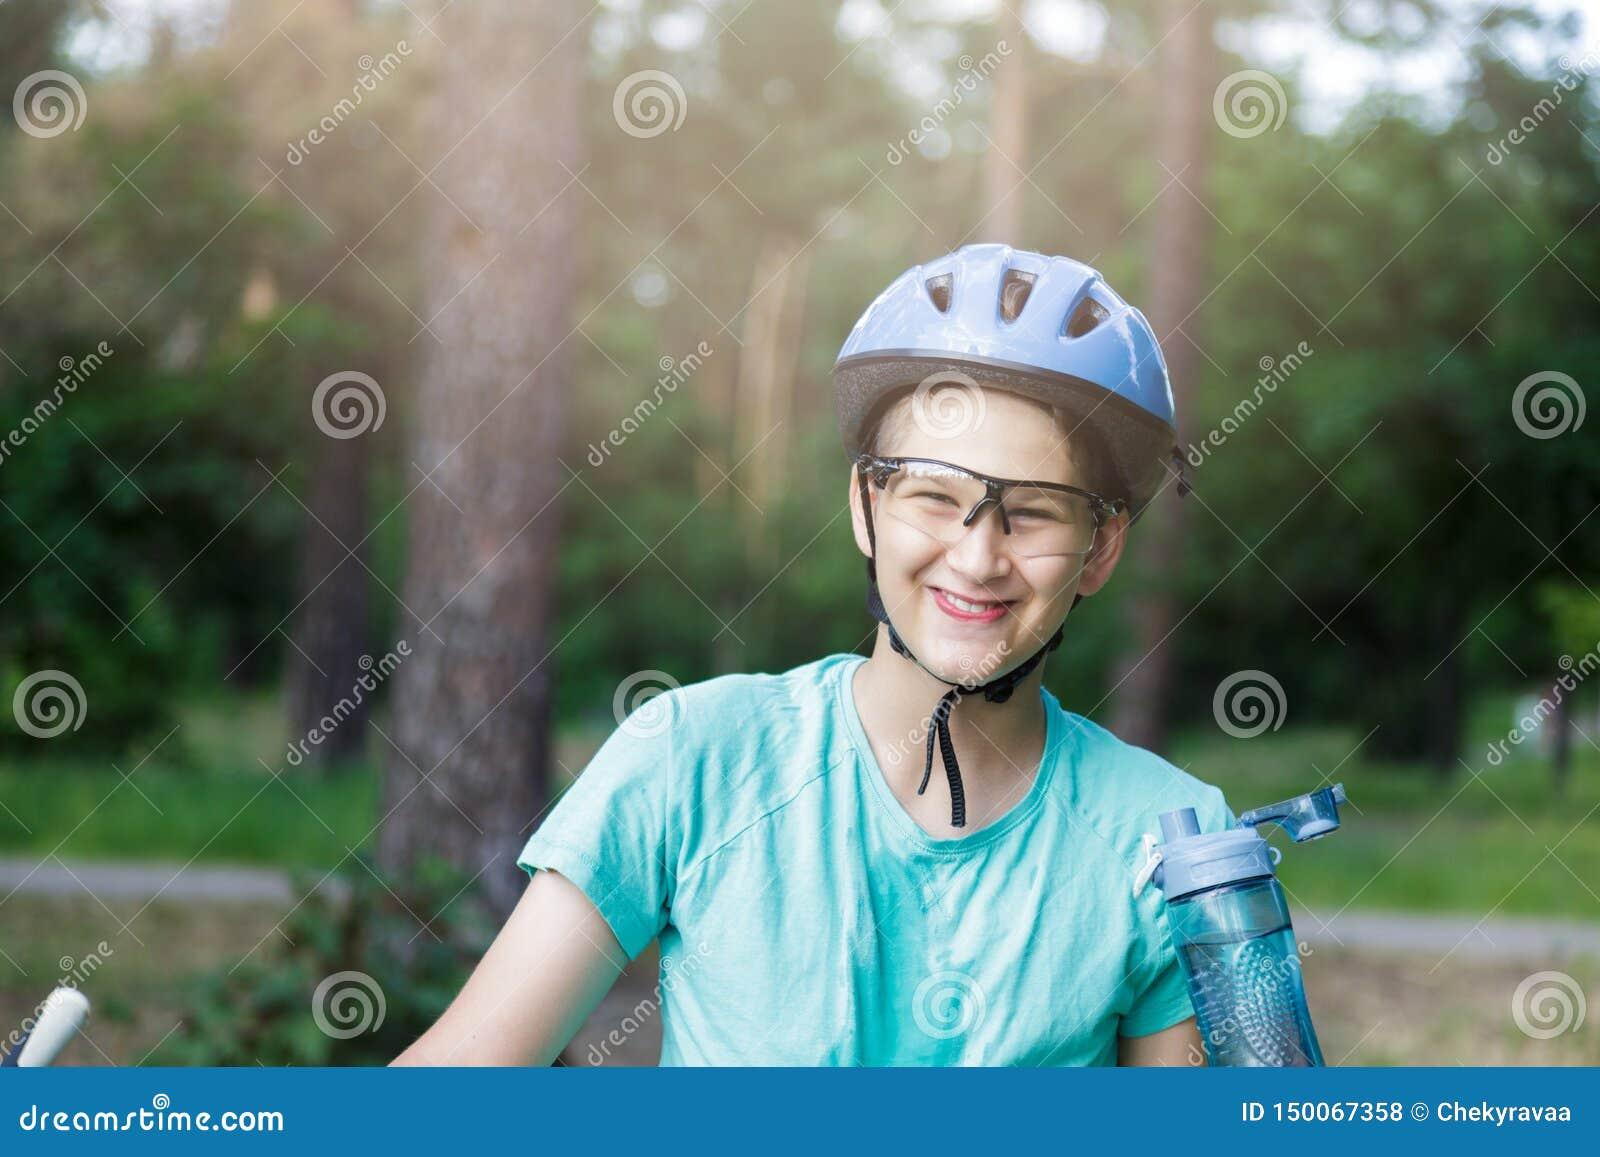 De jonge jongen in helm en groene t-shirtfietser drinkt water van fles in het park Glimlachende leuke Jongen op fiets in het bos